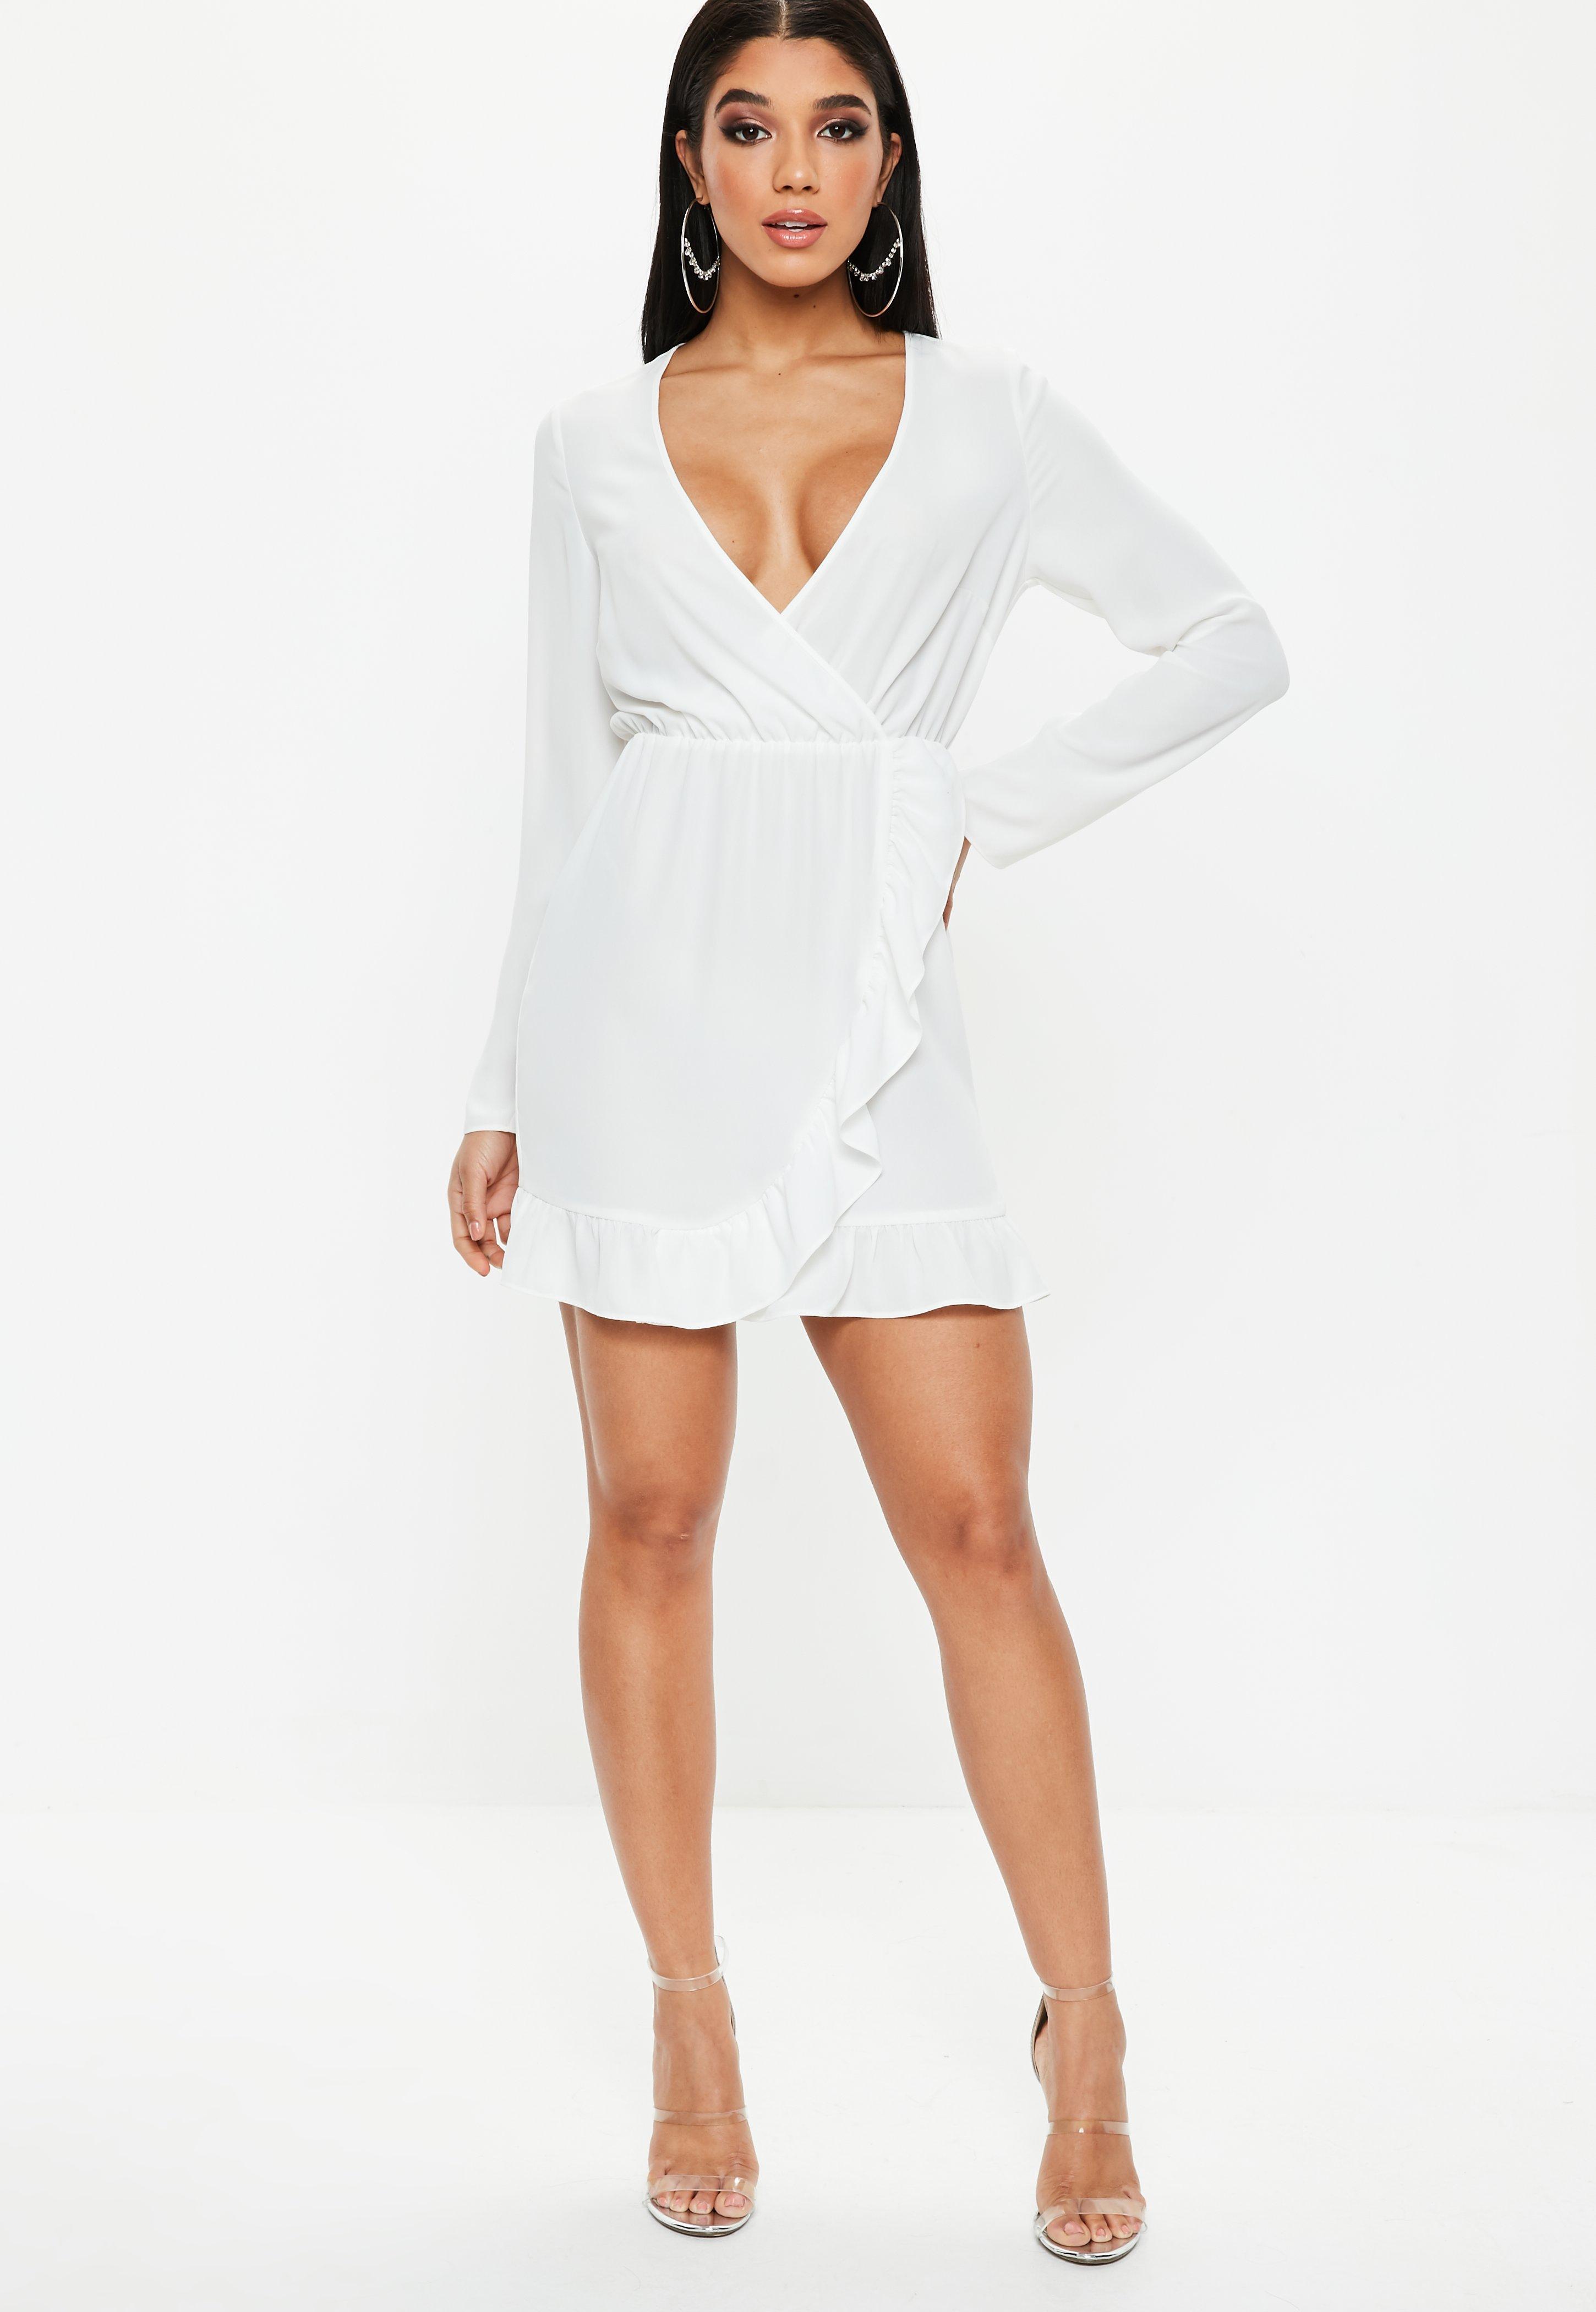 Weiße Kleider | Kurze weiße Kleider - Missguided DE